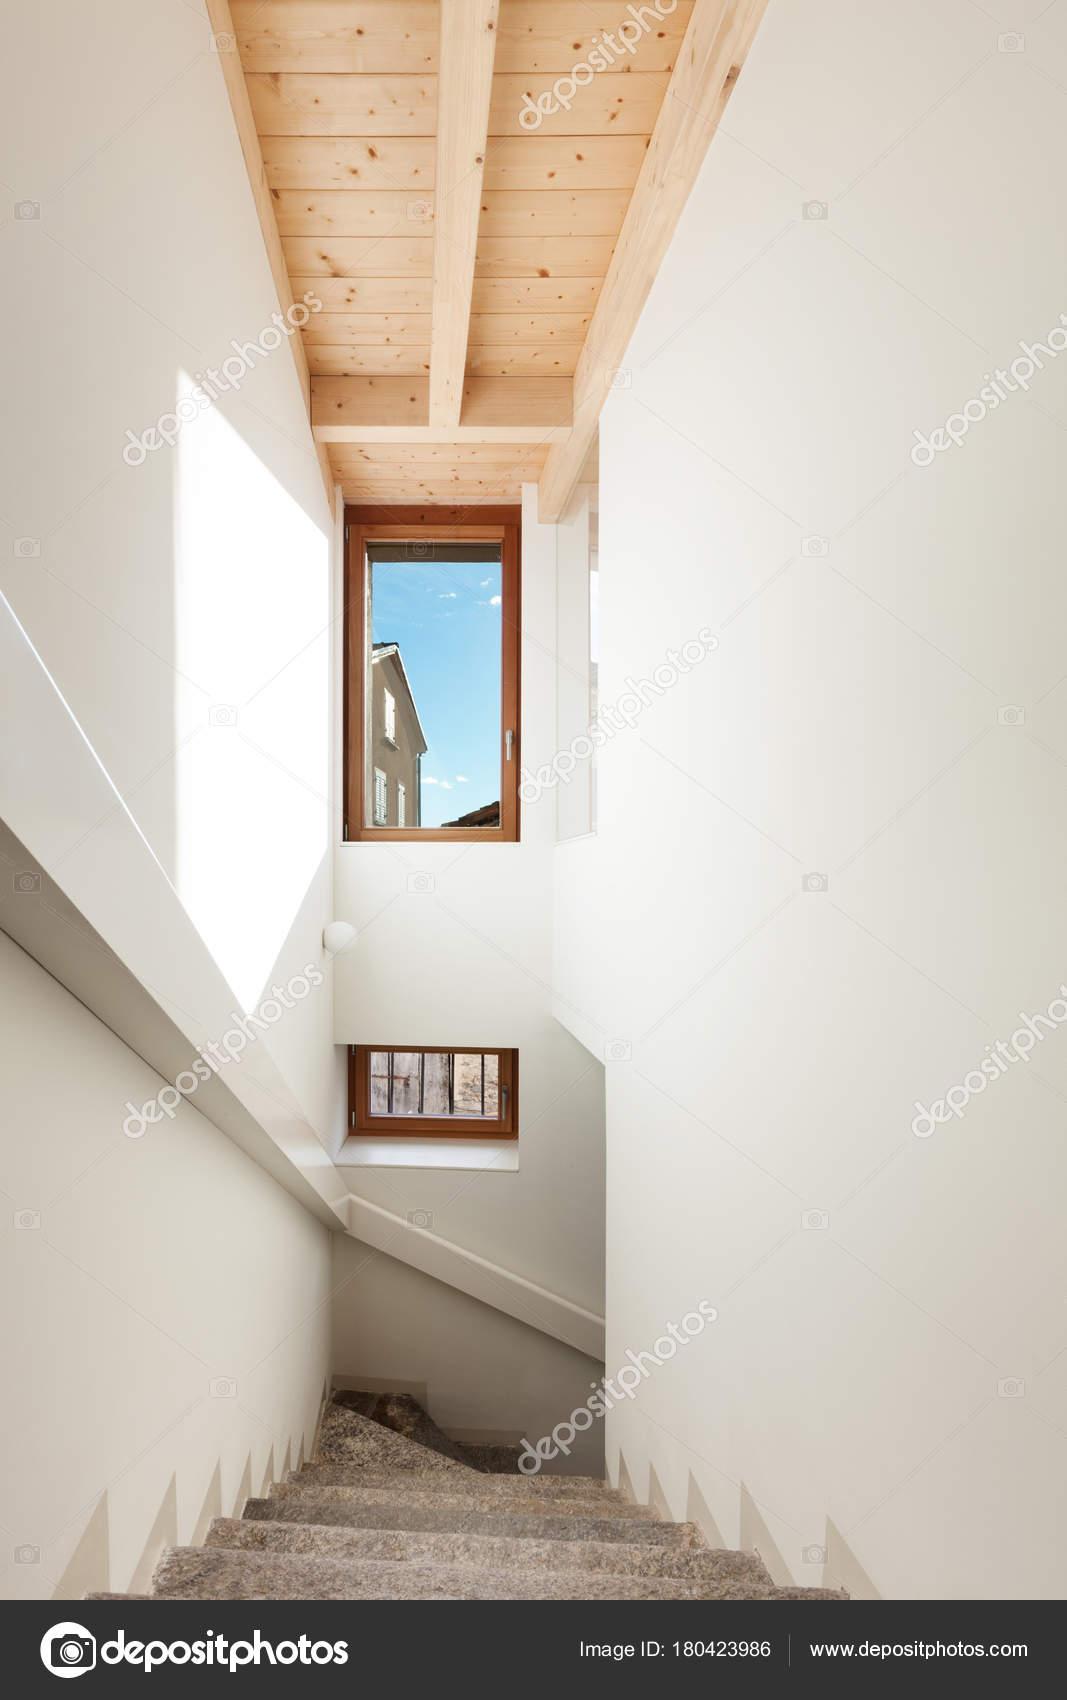 Loft Architektur klassische loft architektur stockfoto zveiger 180423986